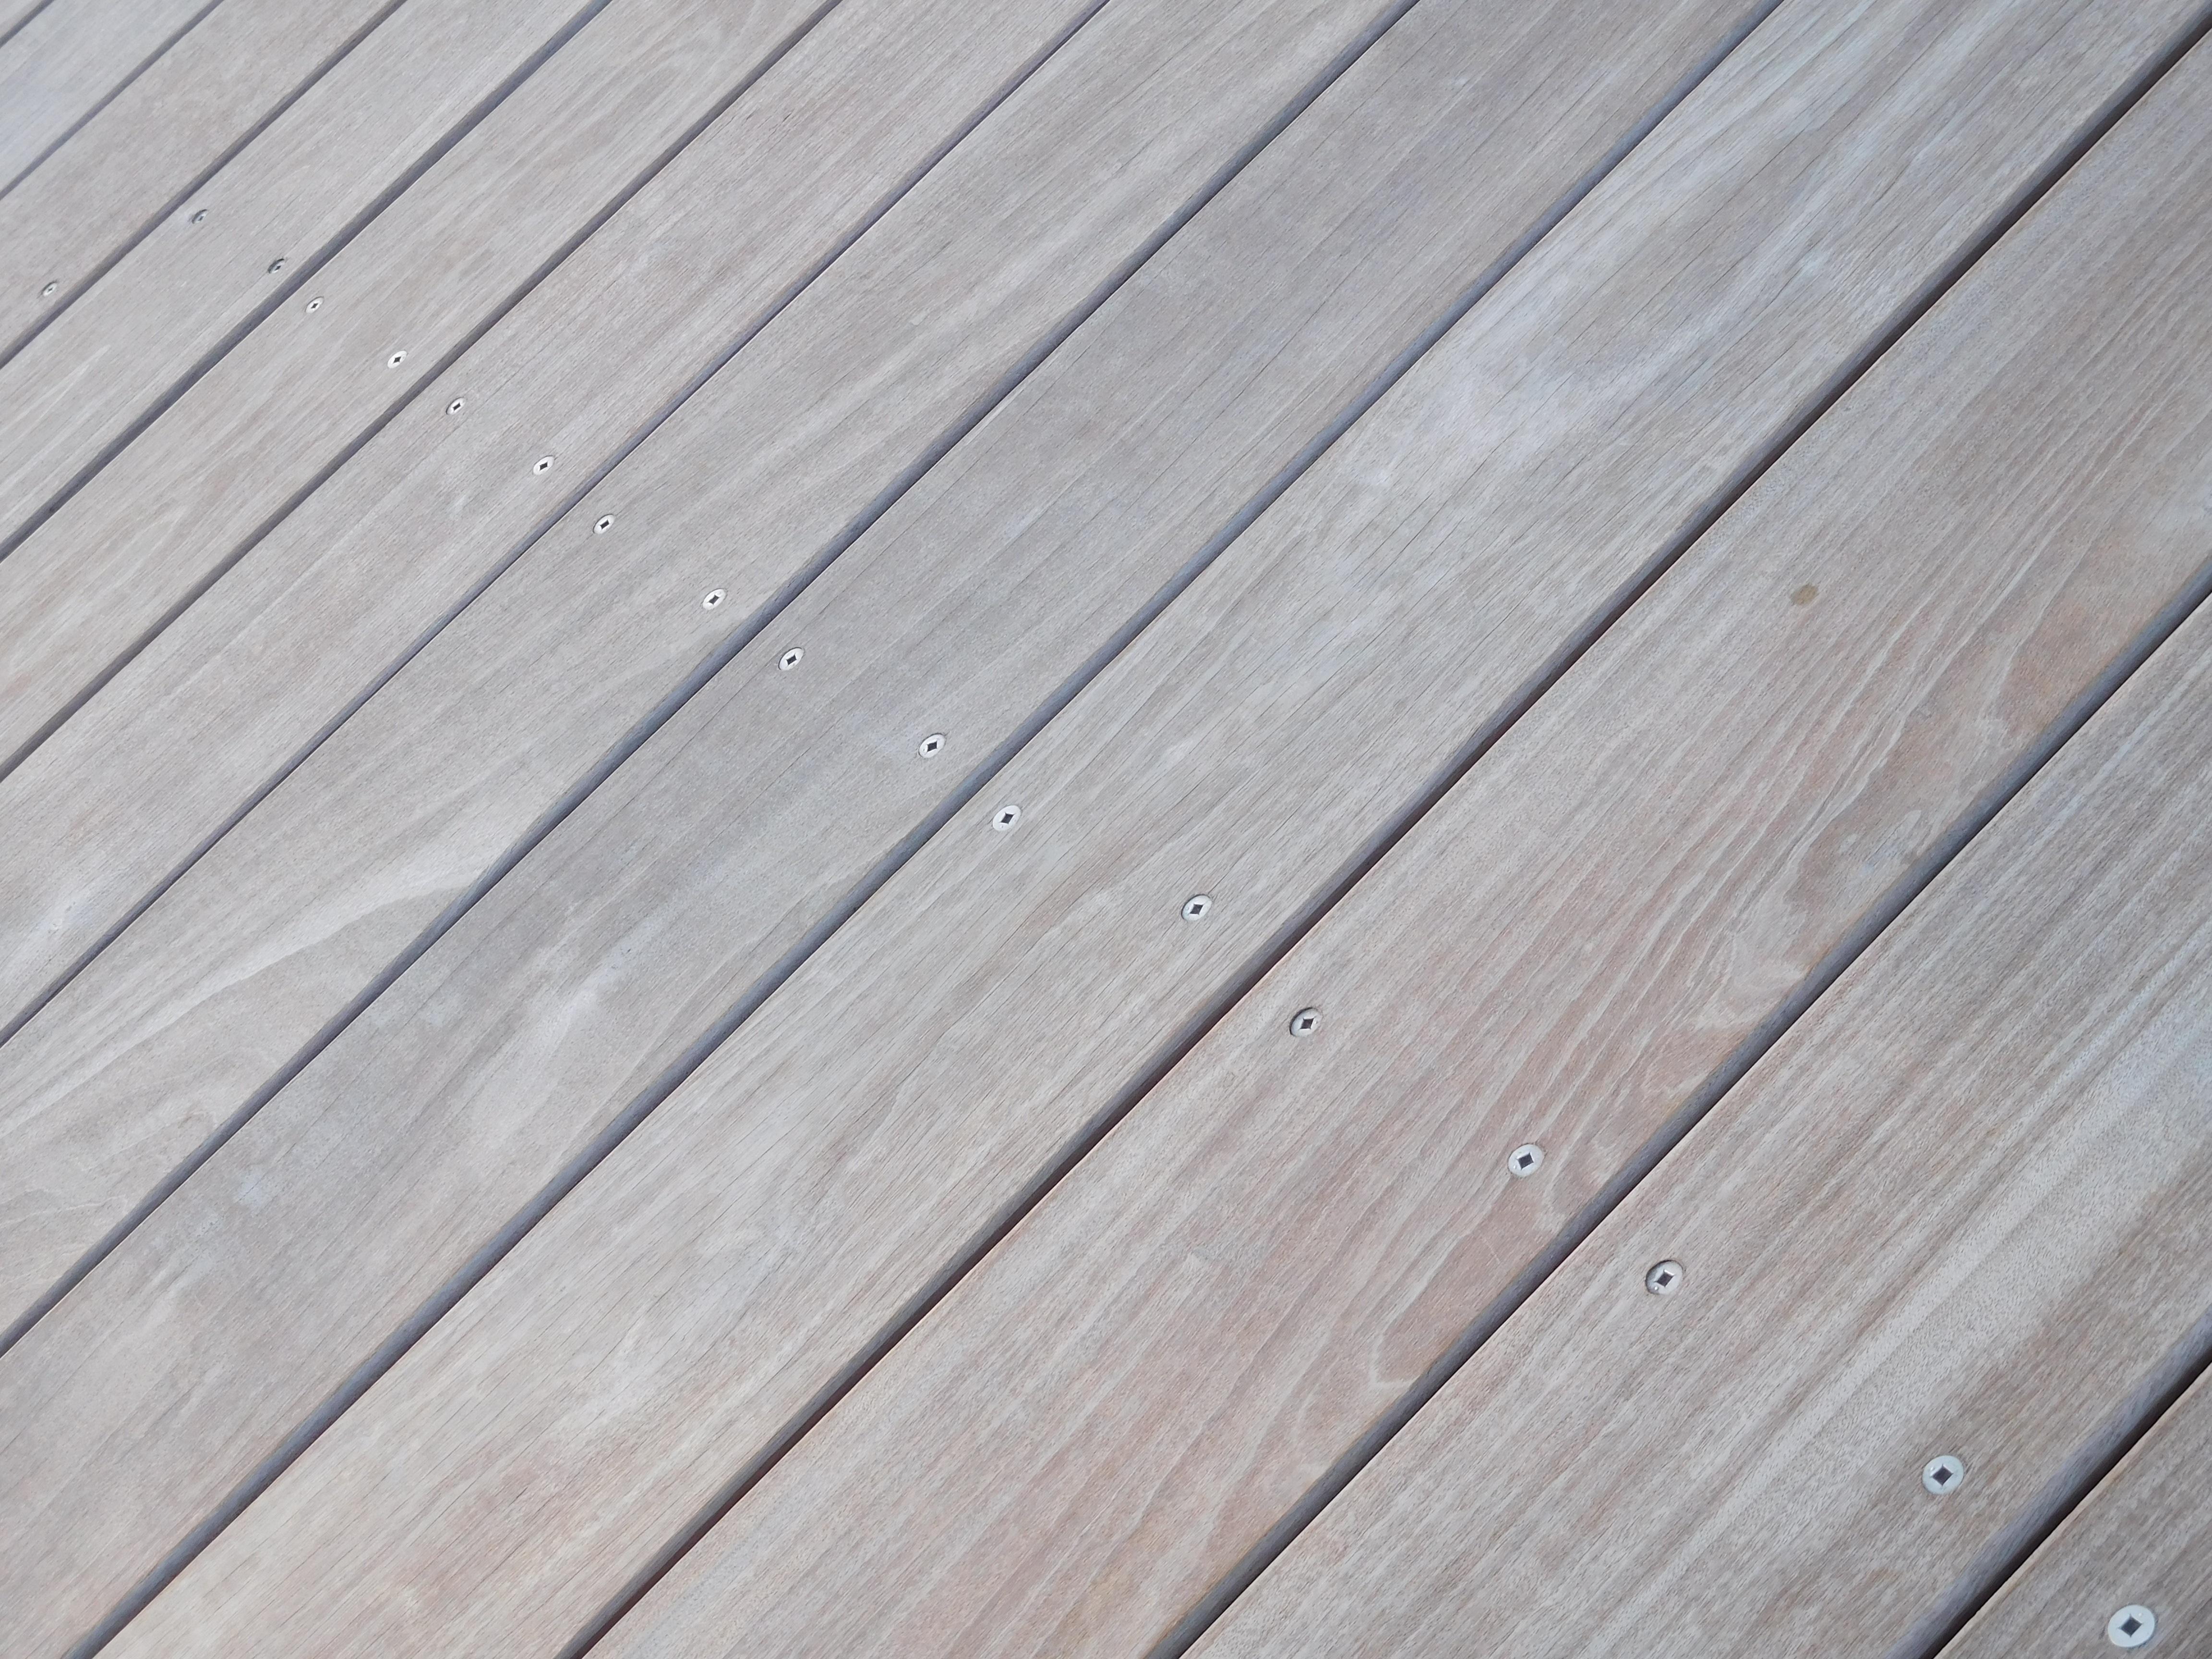 Floor Roof Hardwood Wooden Plywood